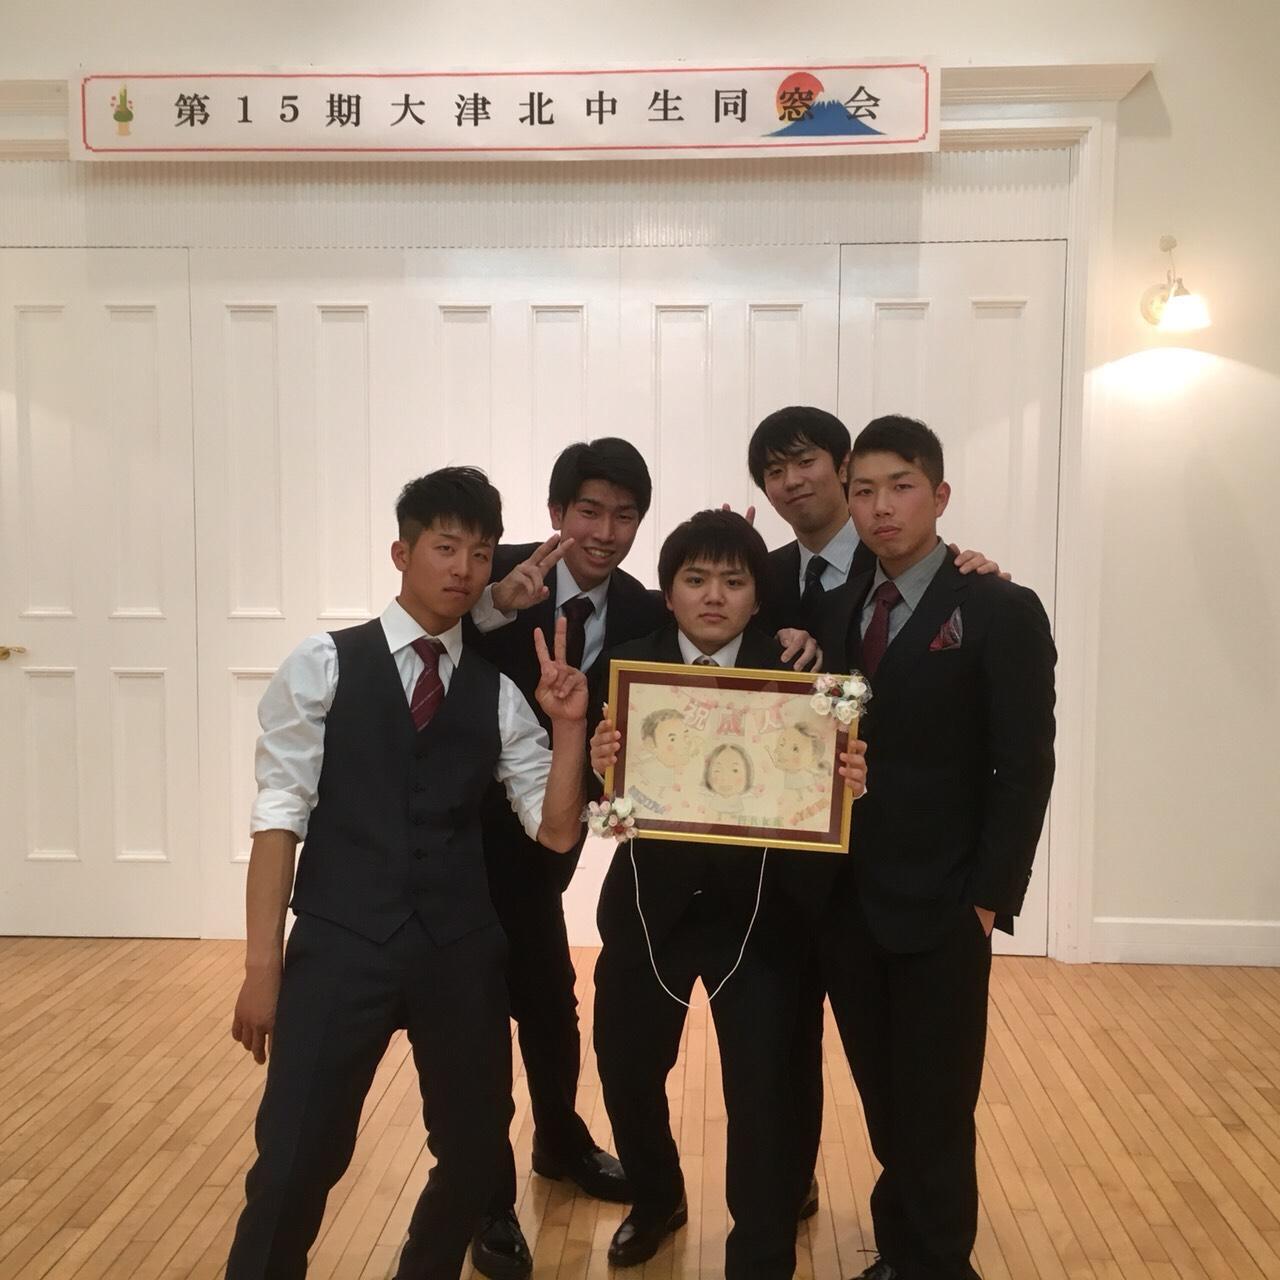 image1安永